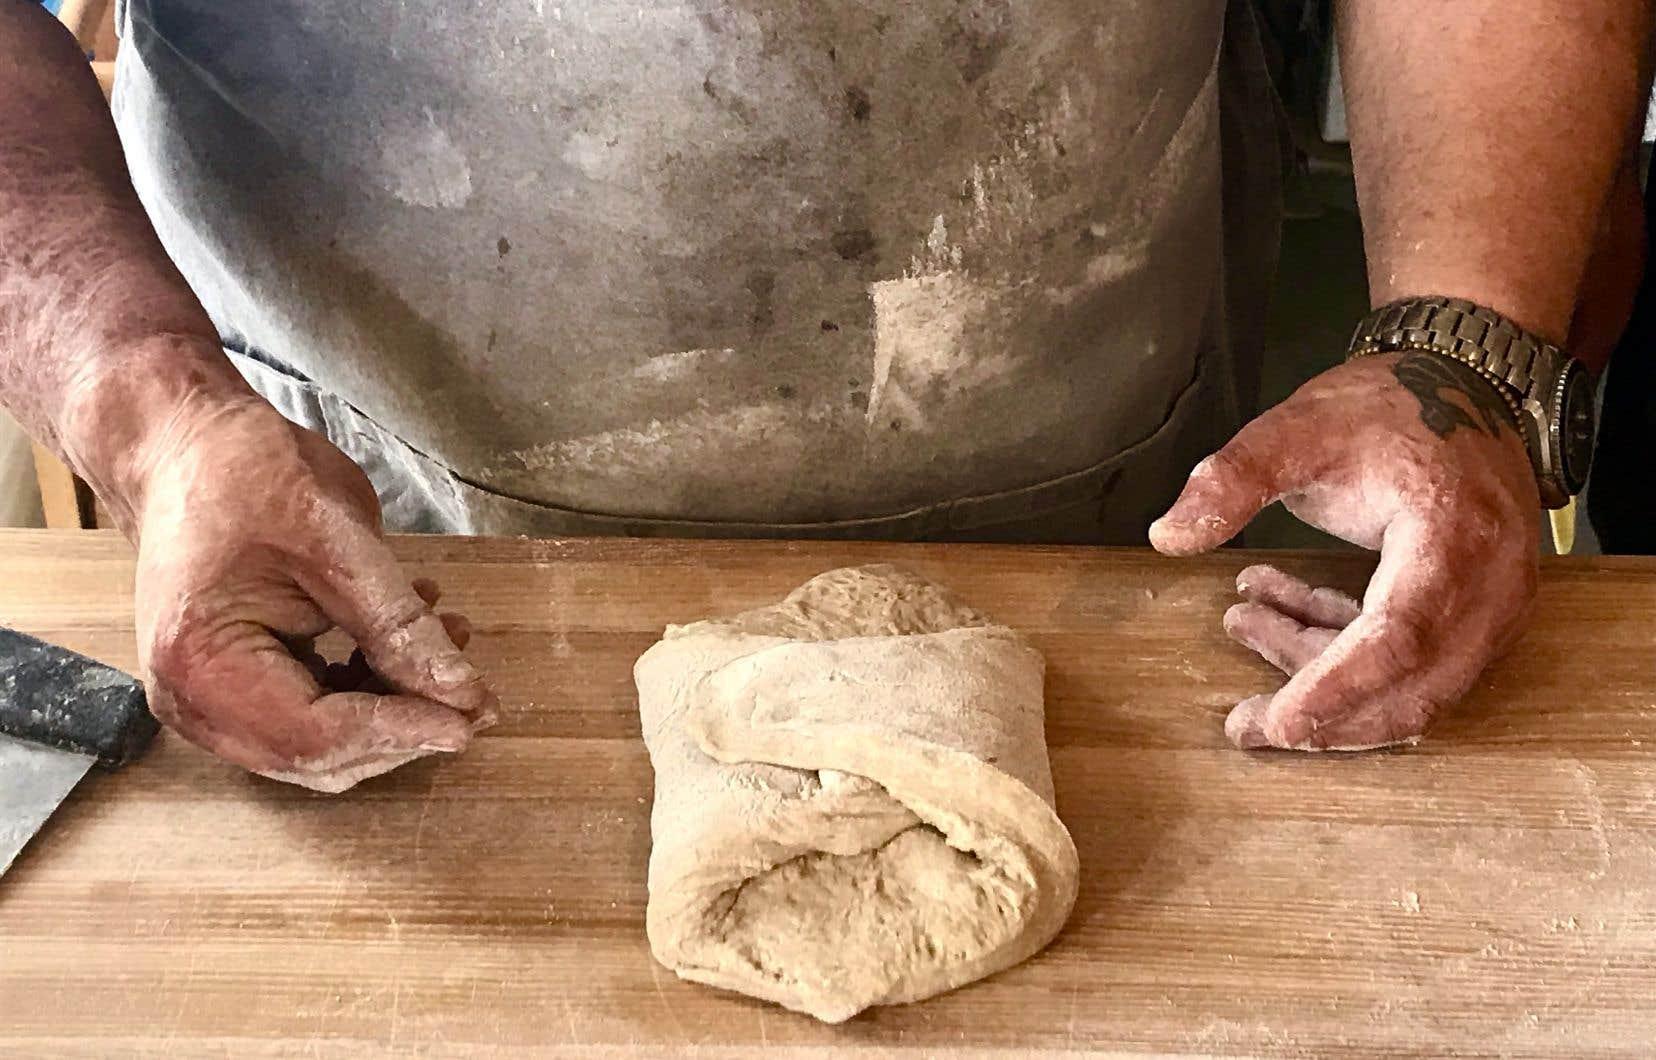 Albert Elbilia, de la boulangerie Merci la vie à Prévost, explique comment façonner la pâte avec douceur.